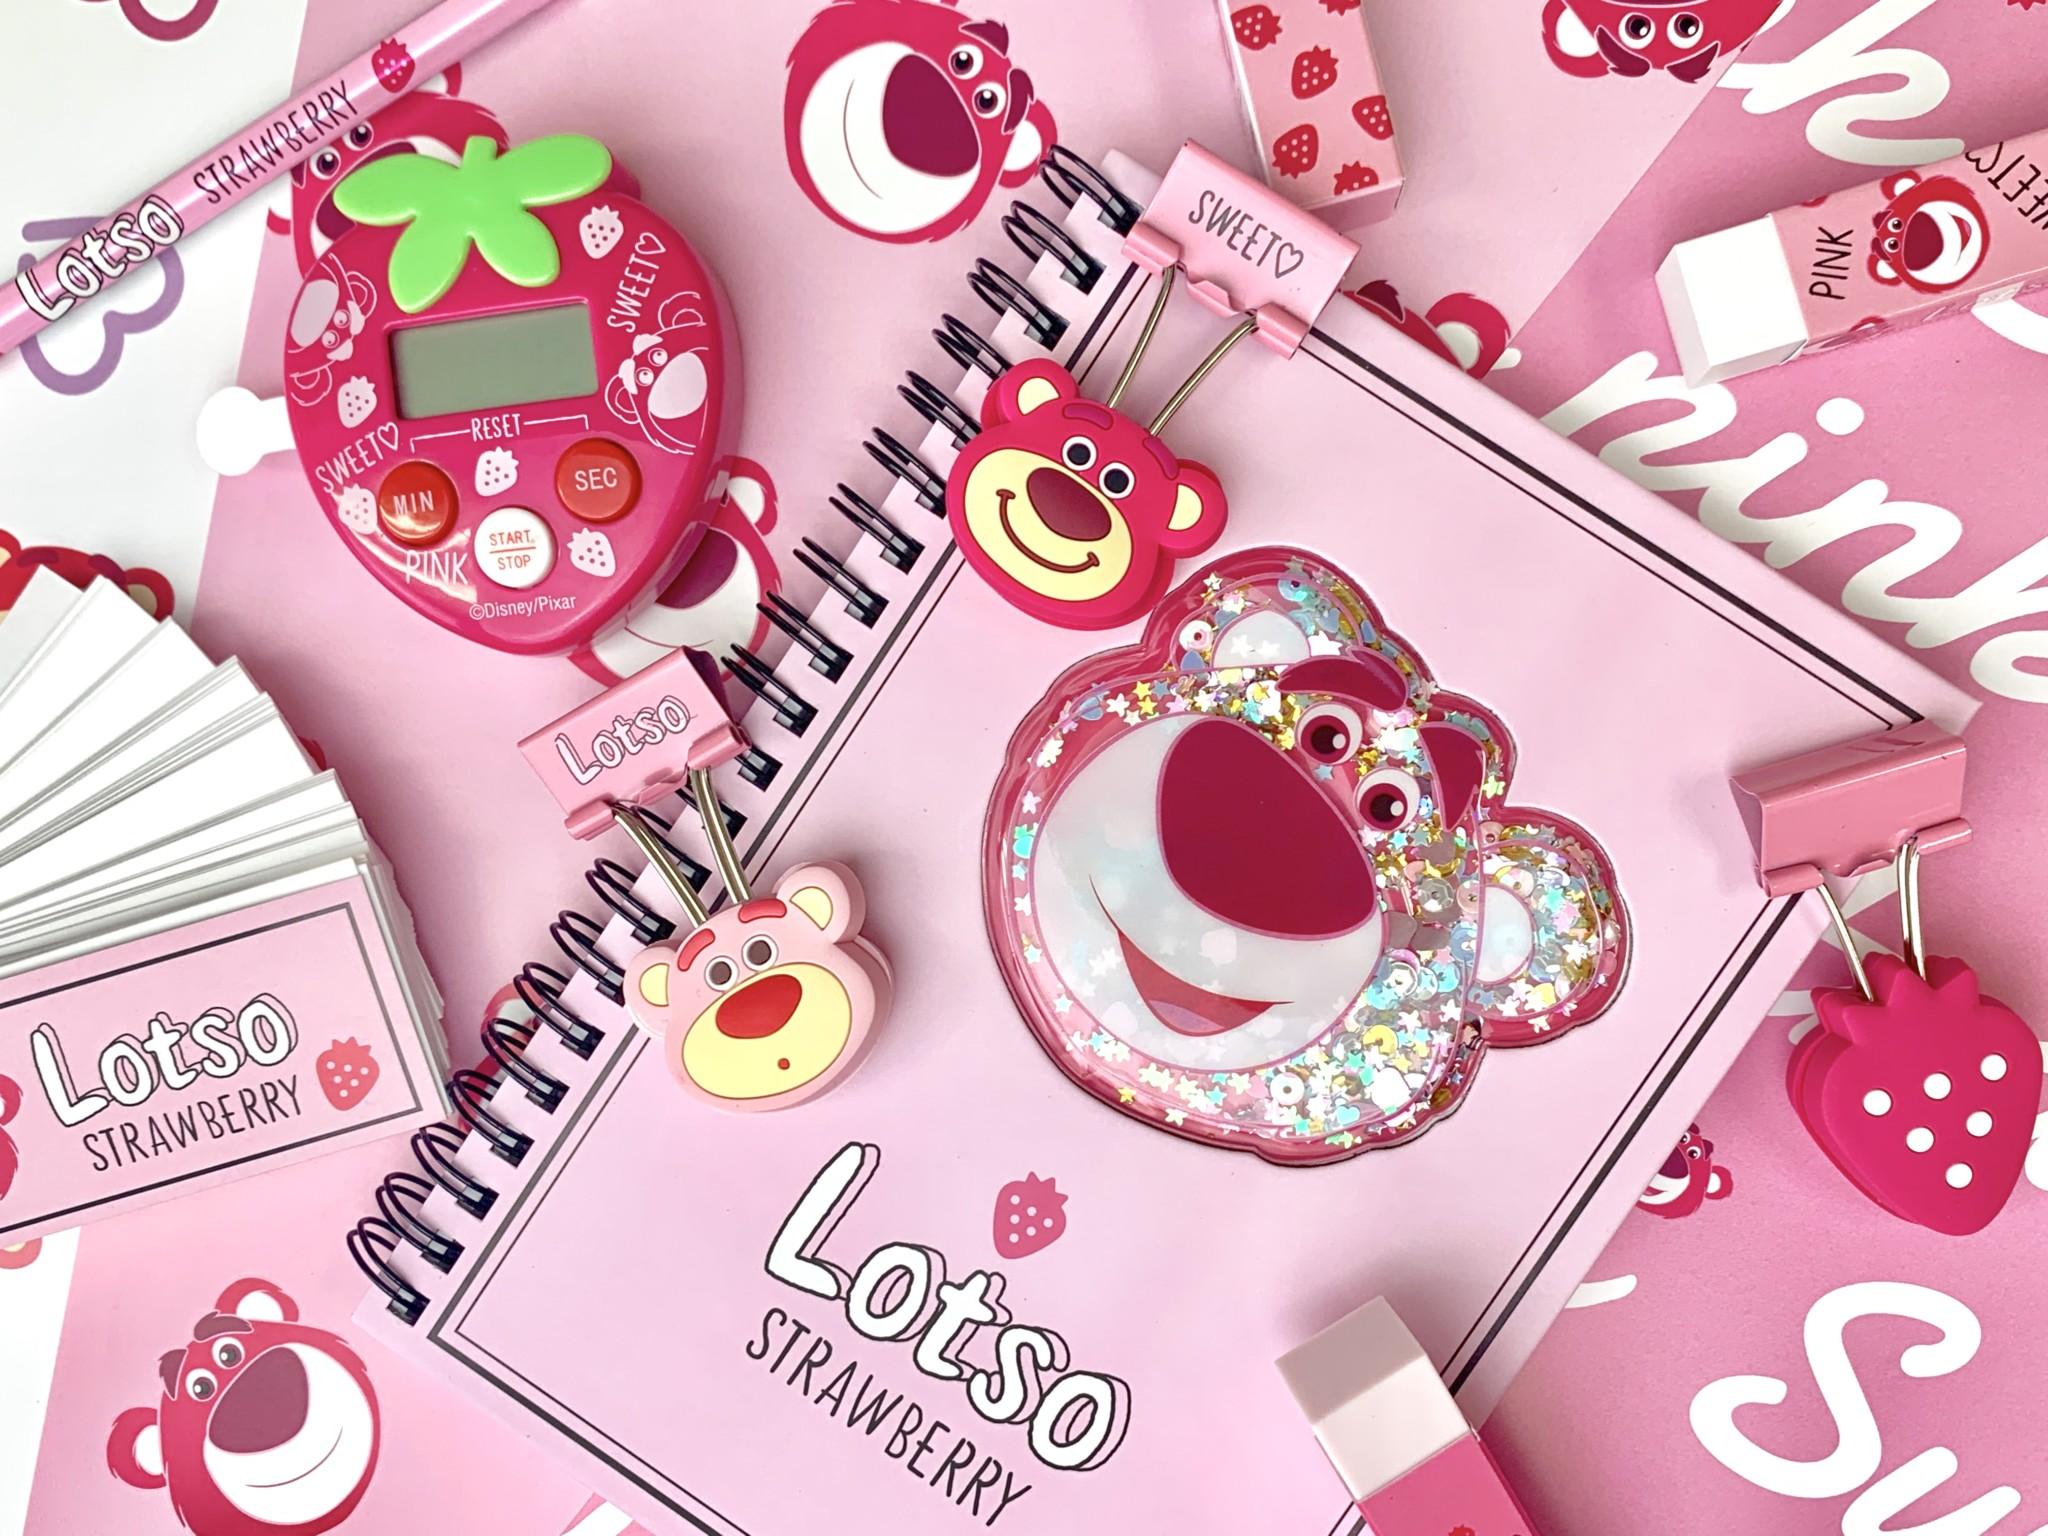 ディズニーストア「ロッツォ」Pink Stationery グッズが可愛すぎる1